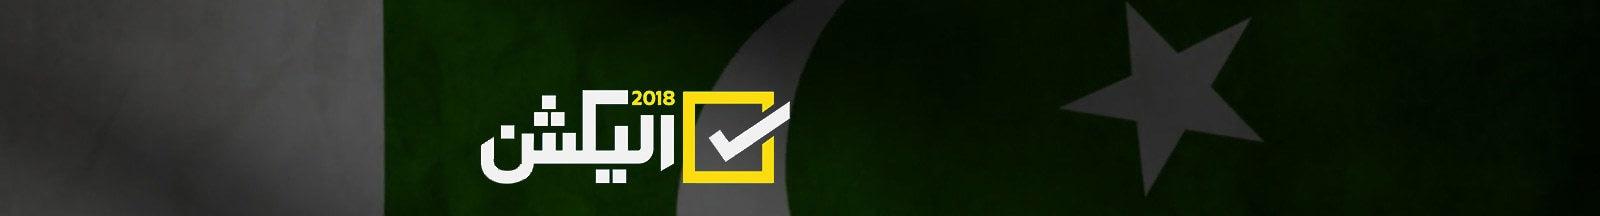 ووٹ پاکستان: لائیو بلاگ